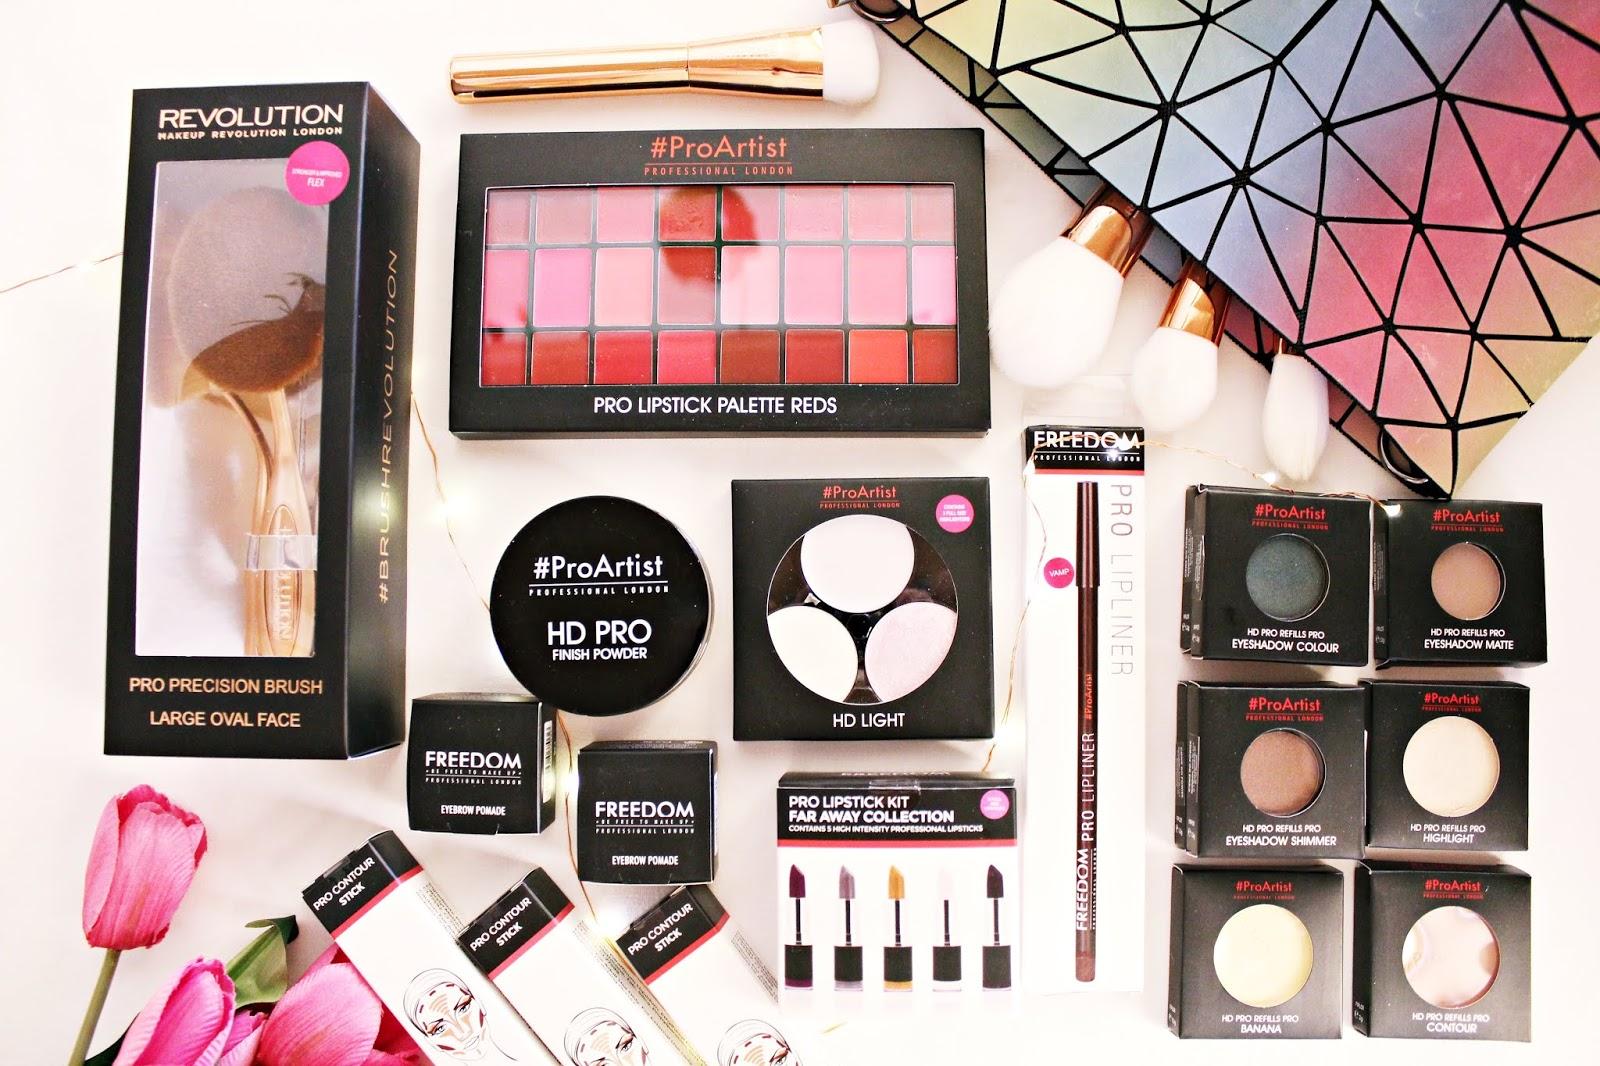 Kolorówka wcale nie musi być droga - FREEDOM MAKEUP - Mega promocje w sklepie StrefaUrody.pl + kod zniżkowy